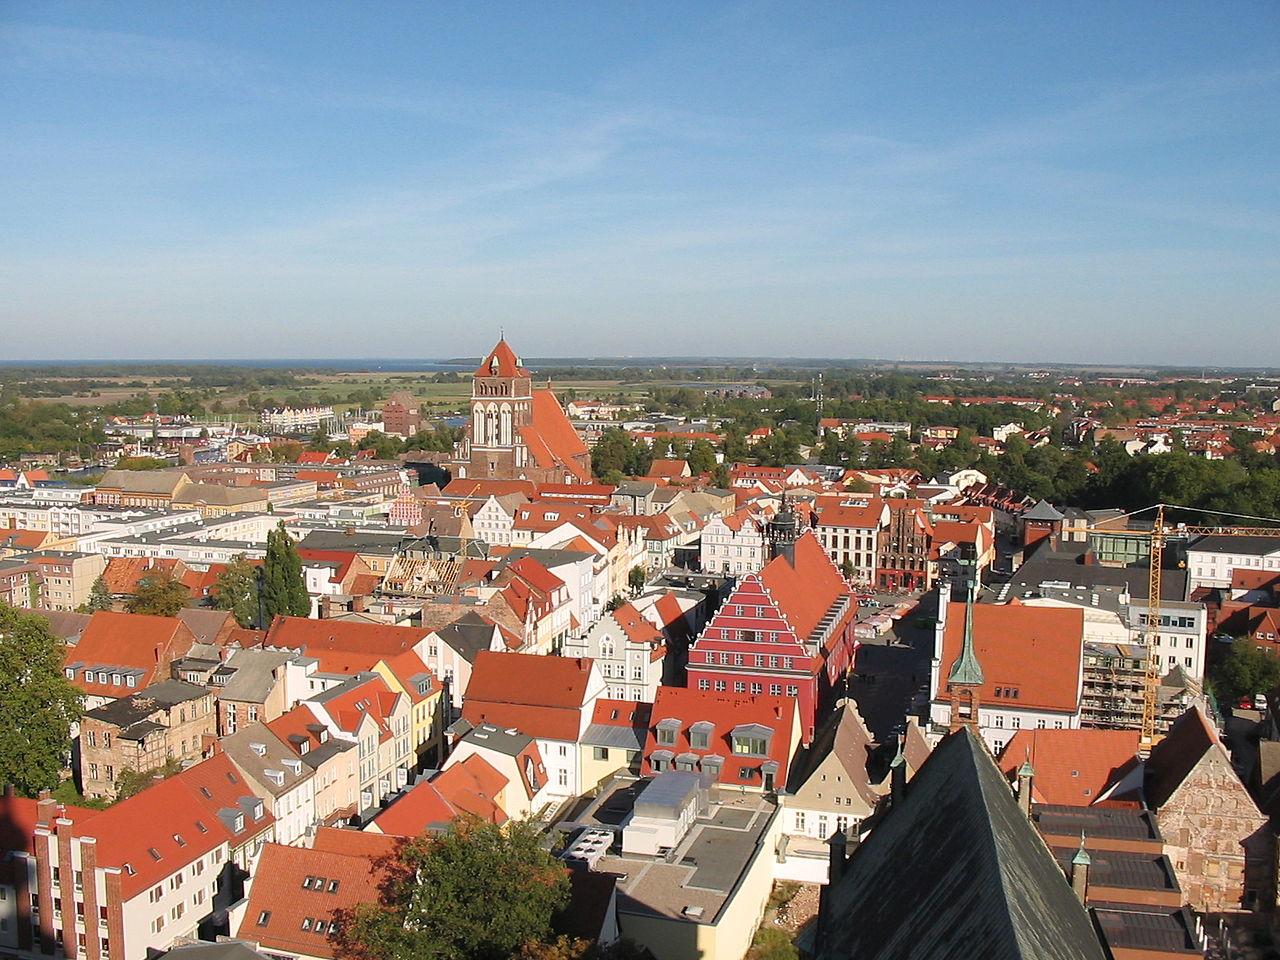 Гюстров, Германия: интересные достопримечательности и лучшие рестораны города